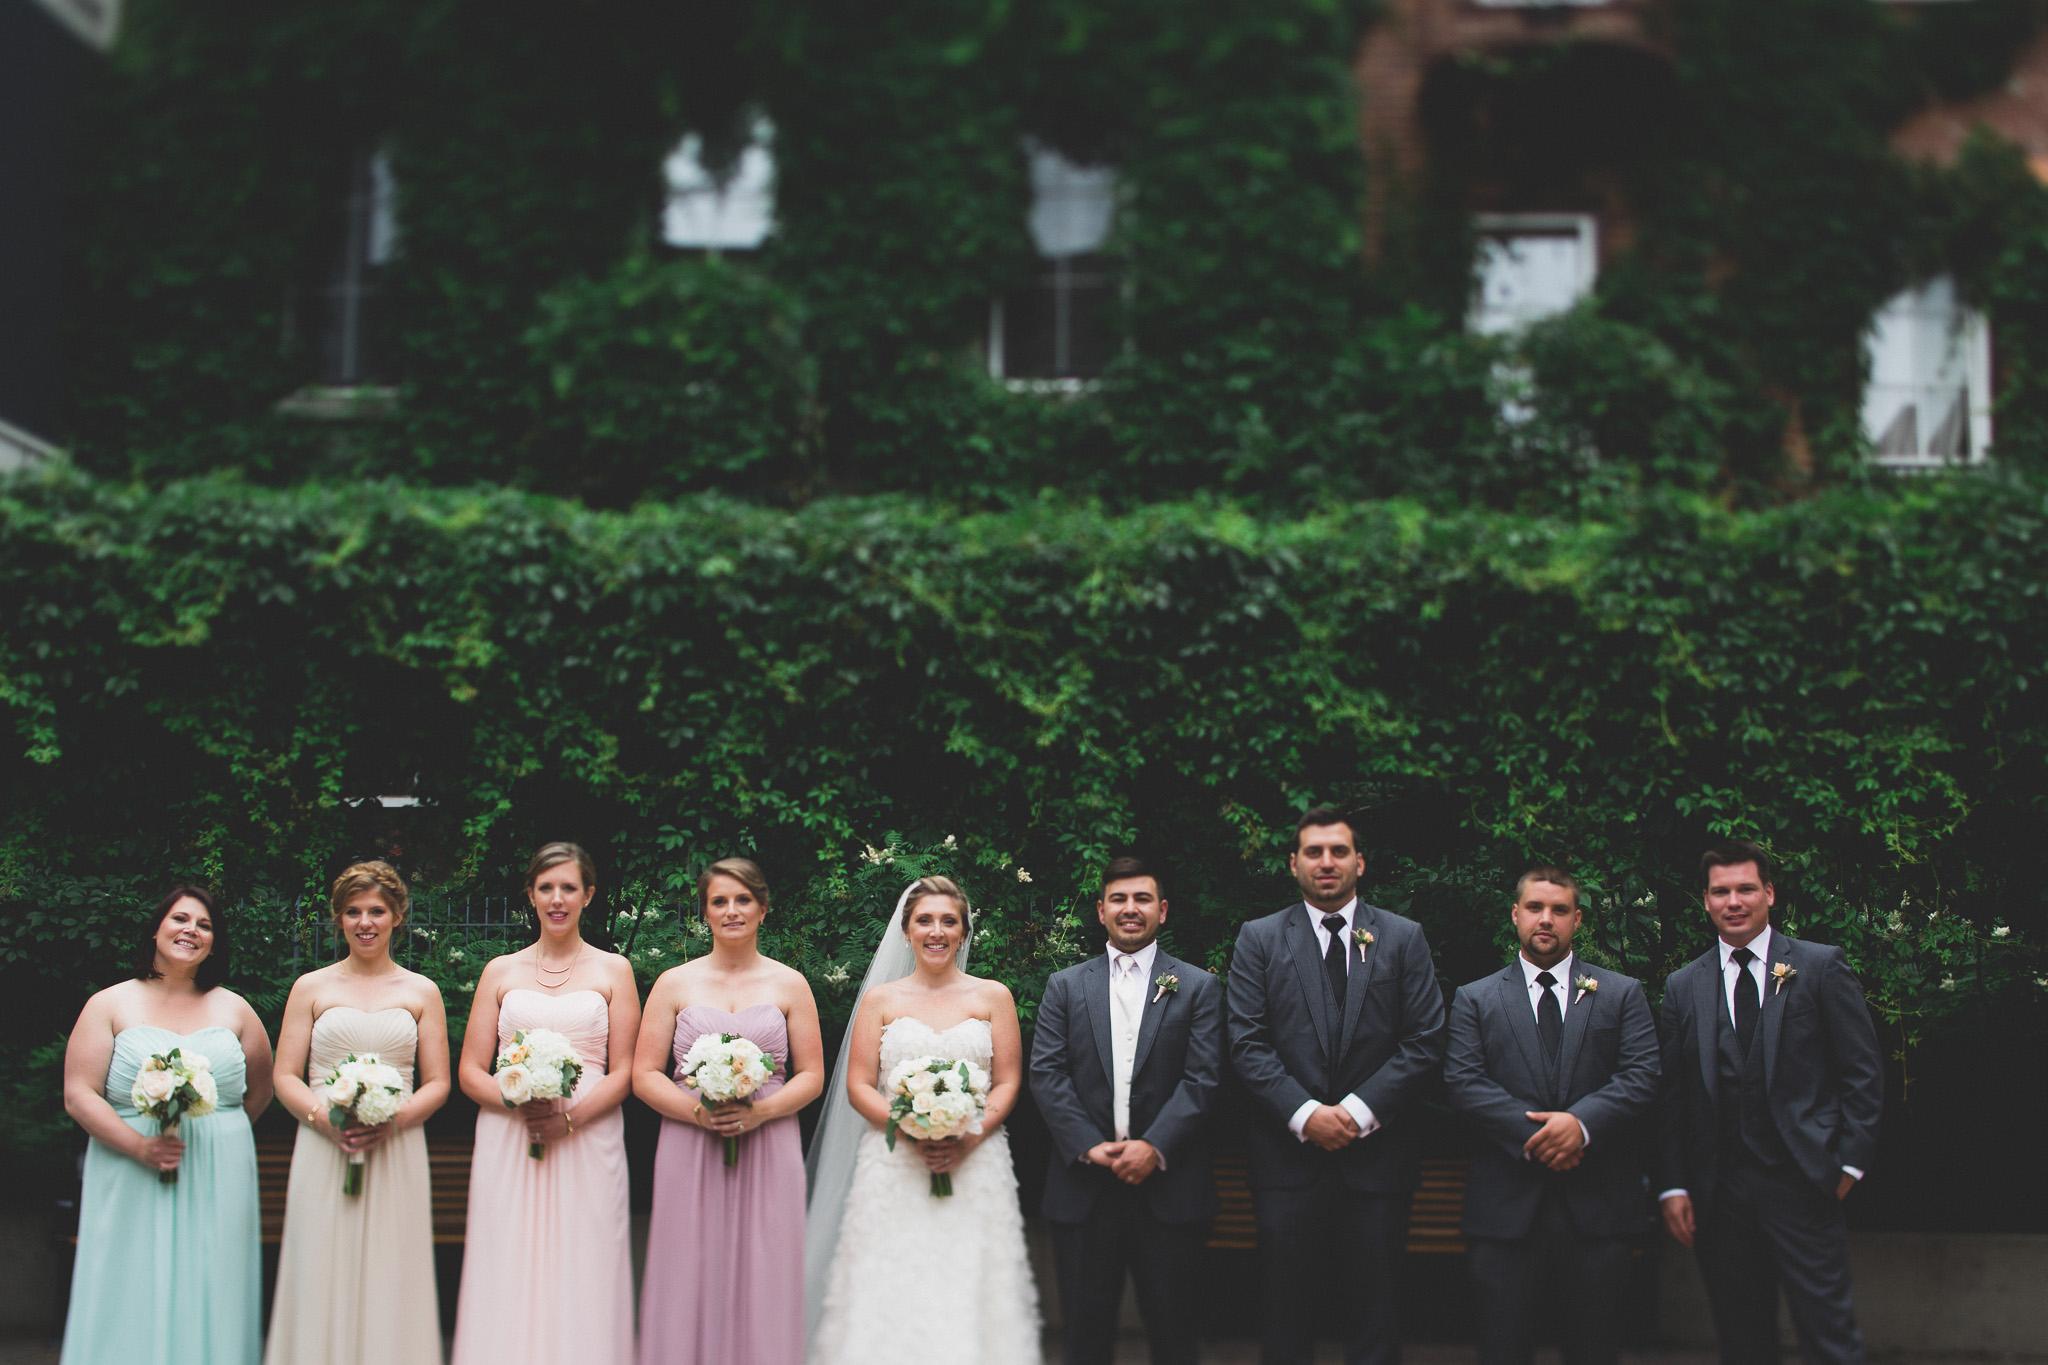 courtyard-ottawa-wedding-photos